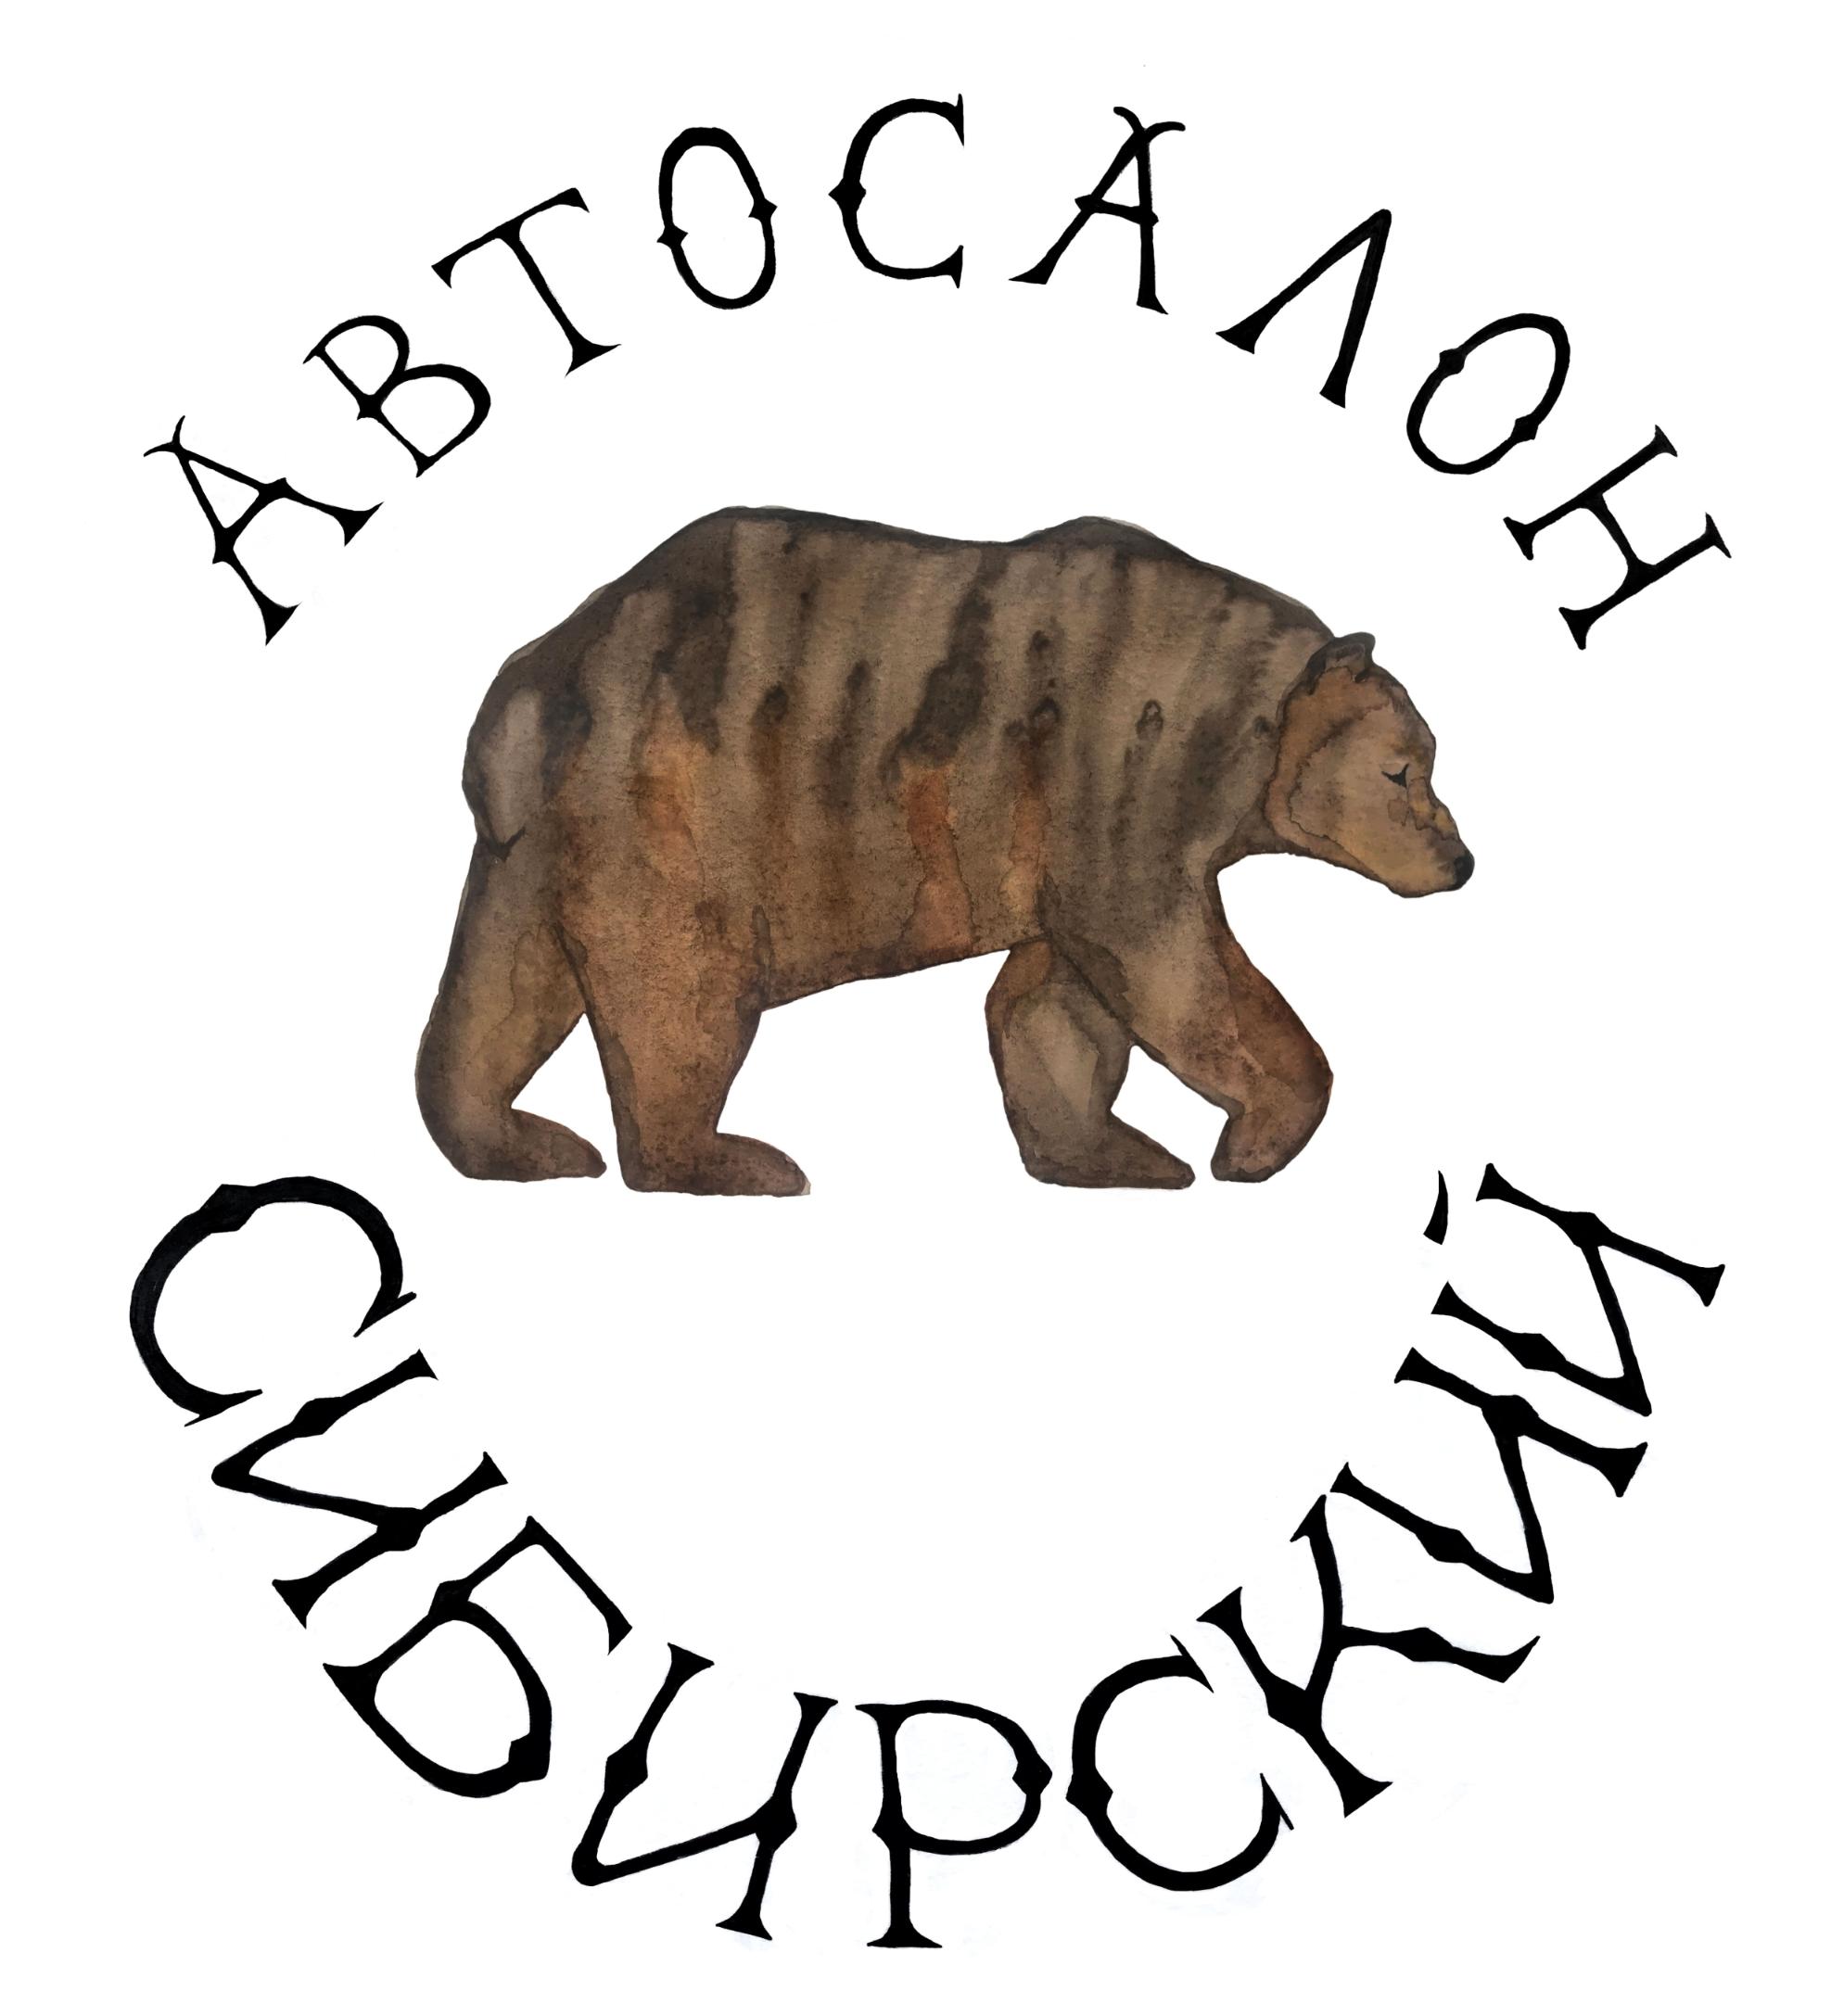 автосалон красноярск кредит через сколько можно подать заявку на кредит после отказа в сбербанке онлайн отзывы